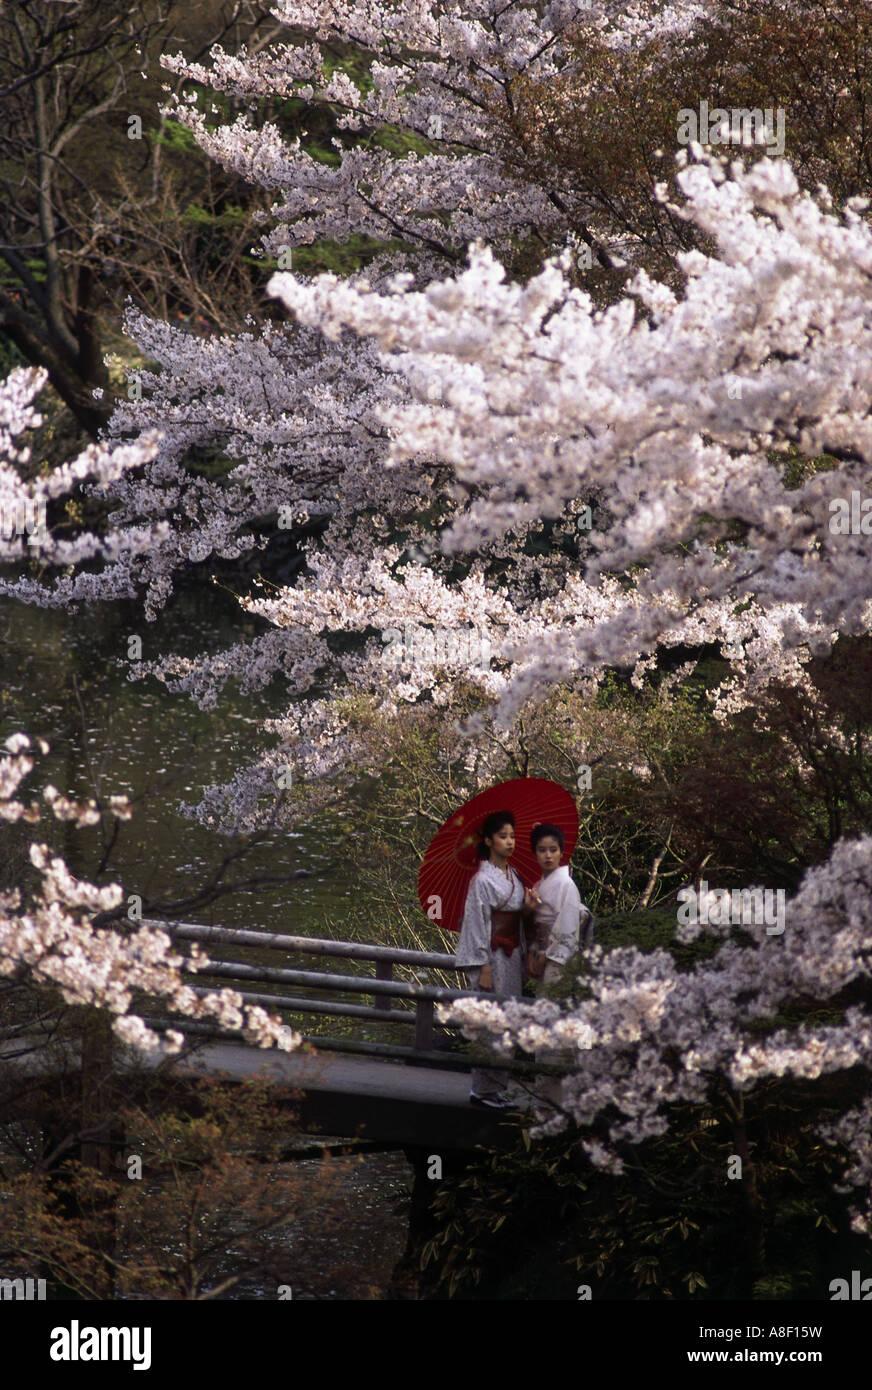 Japanese Garden Cherry Blossom Bridge geography / travel, tokyo, garden / parks, korakuen park, cherry